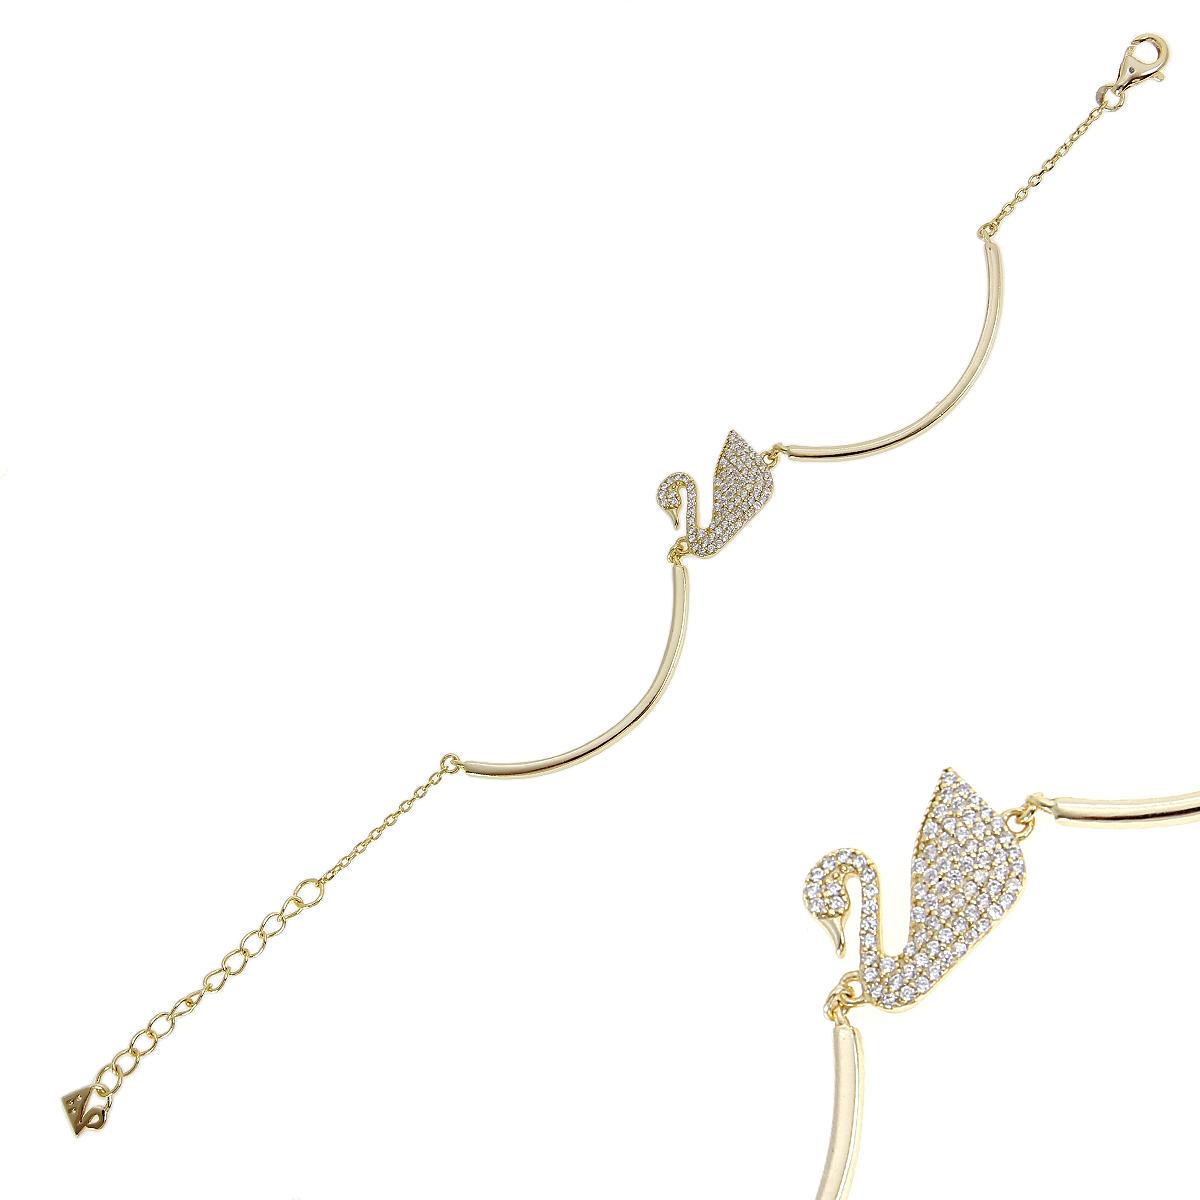 Браслет женский Balex Jewellery 7456910002 из серебра, фианит, р. 17